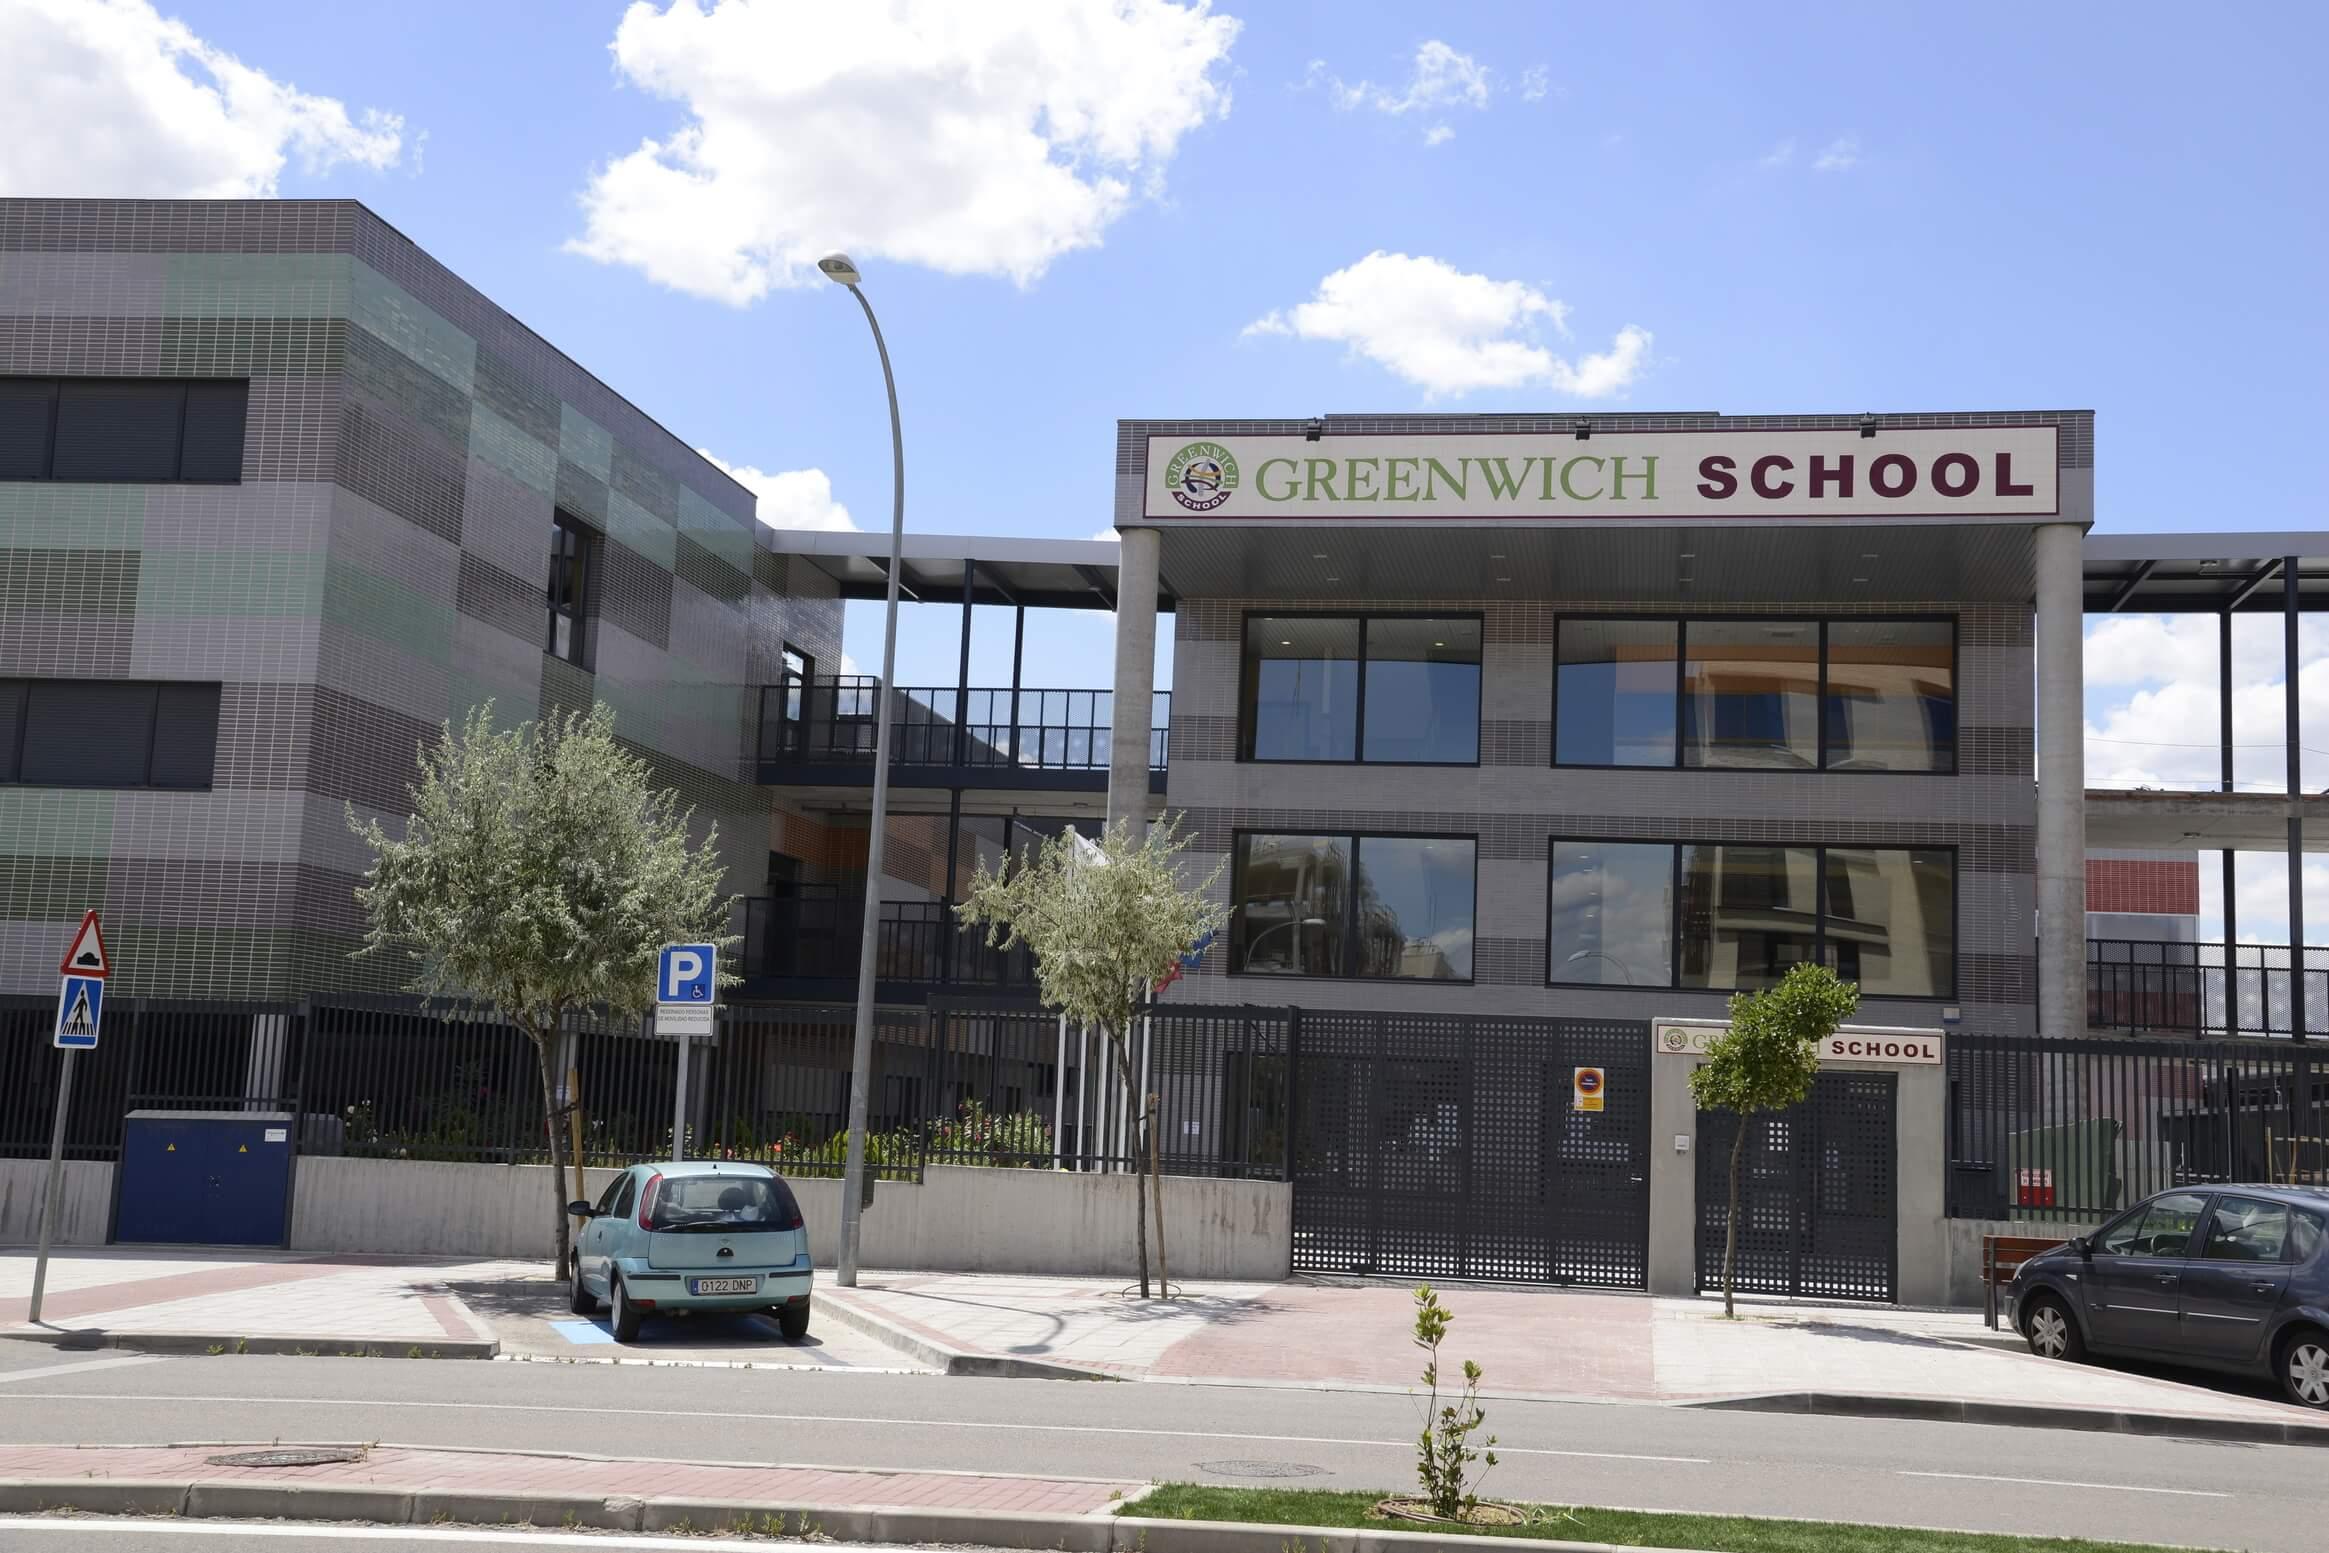 https://greenwichschool.es/resources/photos/_DSC4355.JPG